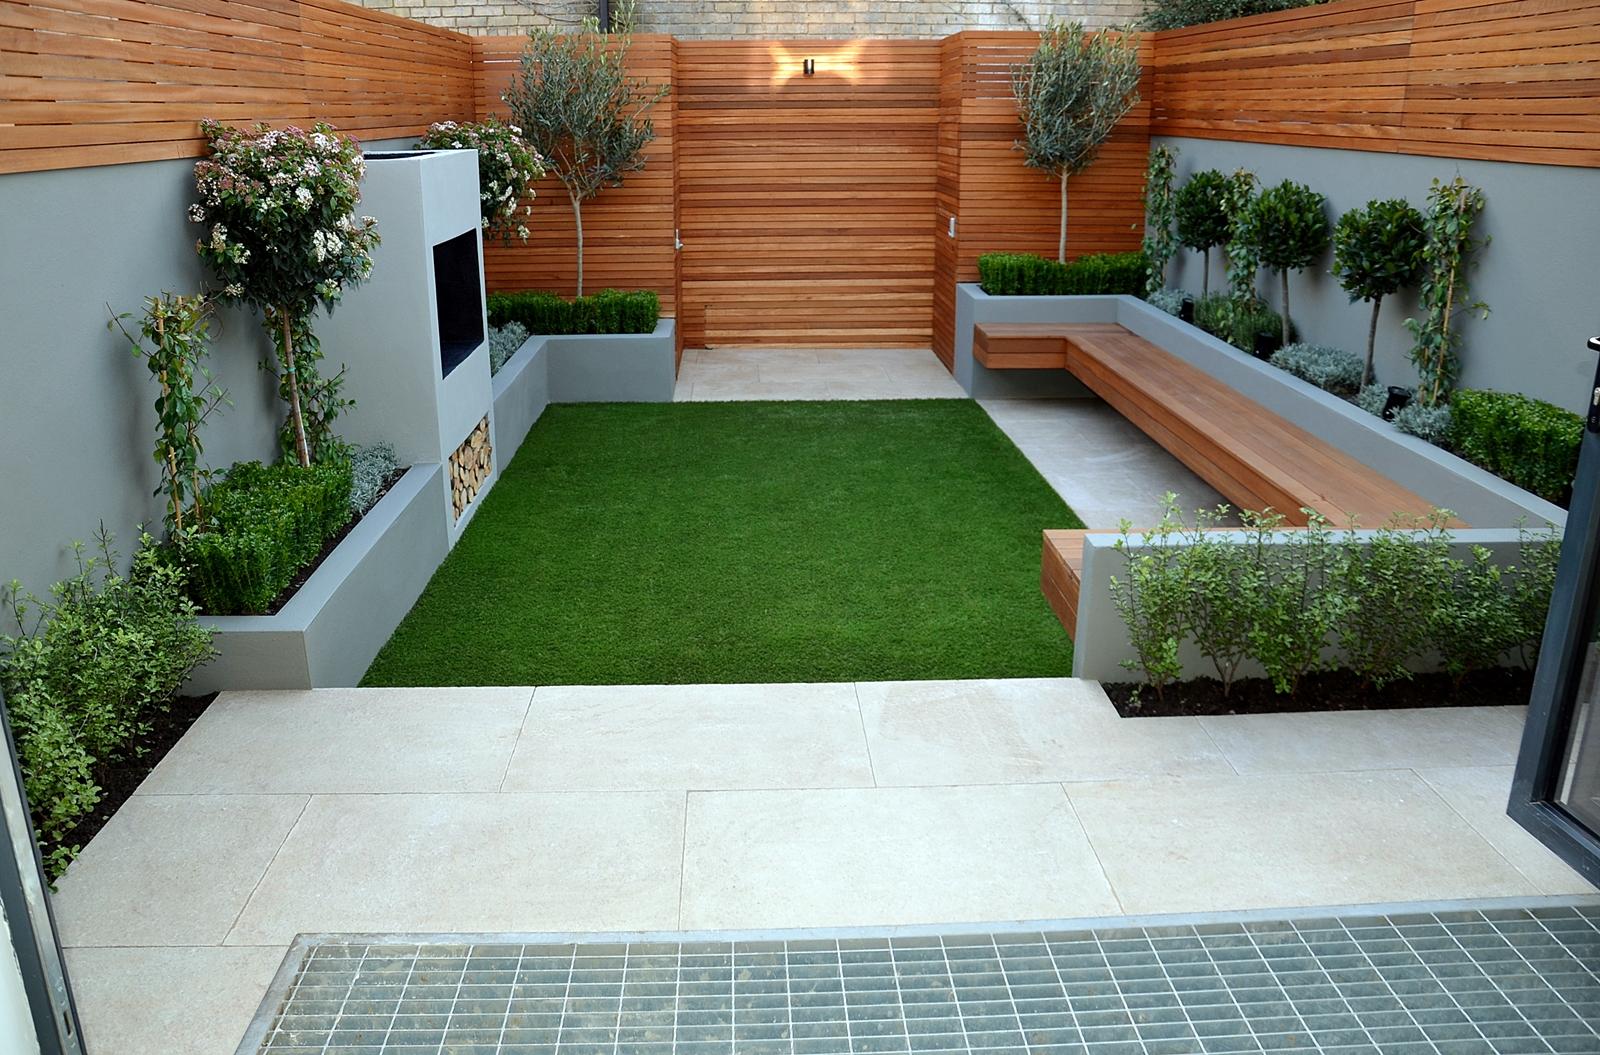 contemporary garden design ideas photos photo - 4